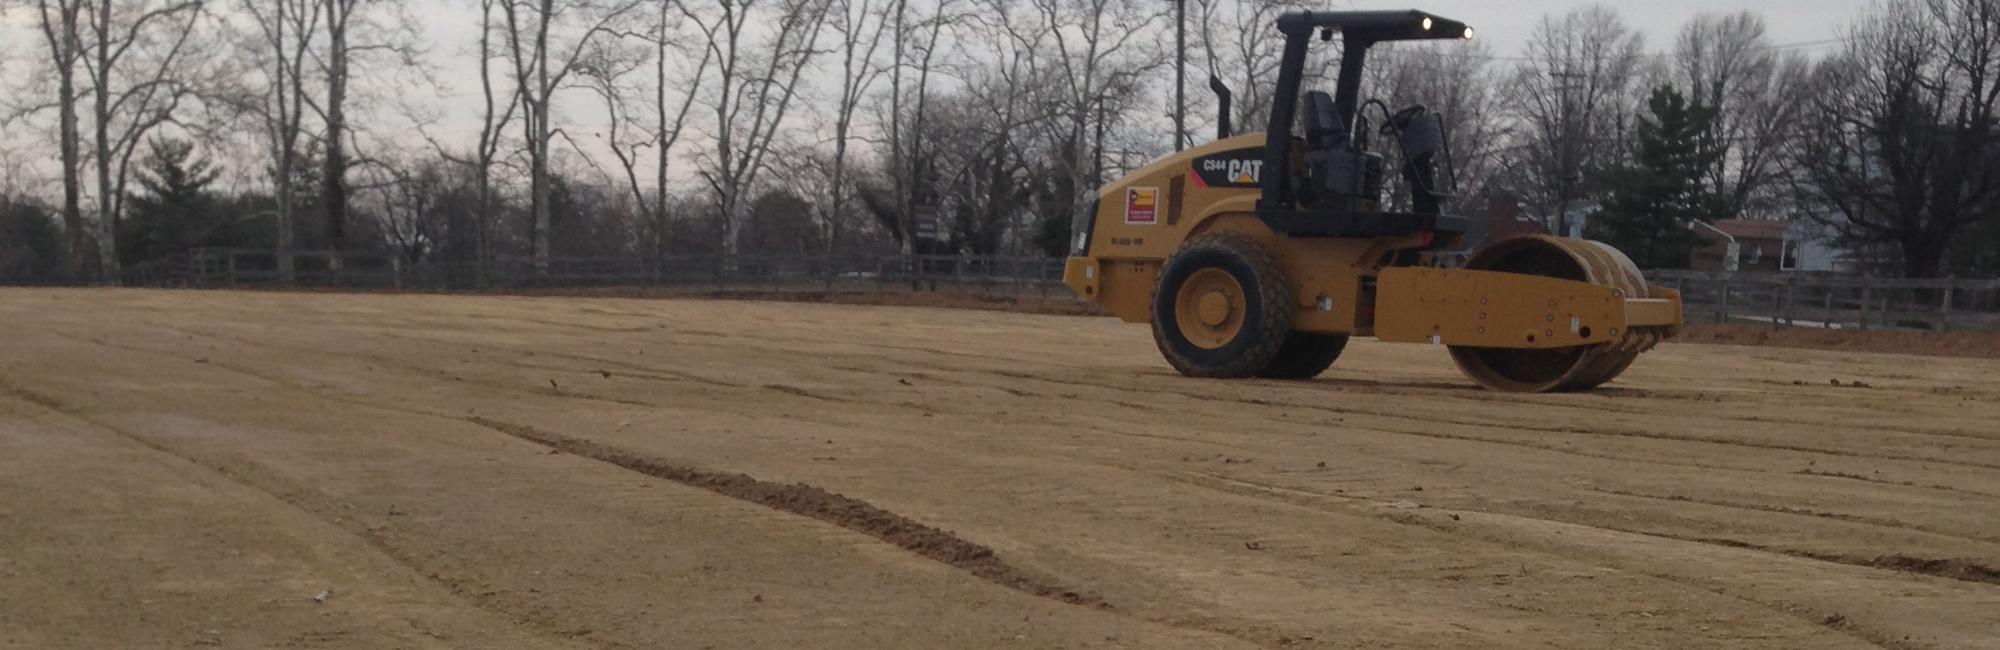 excavating contractors